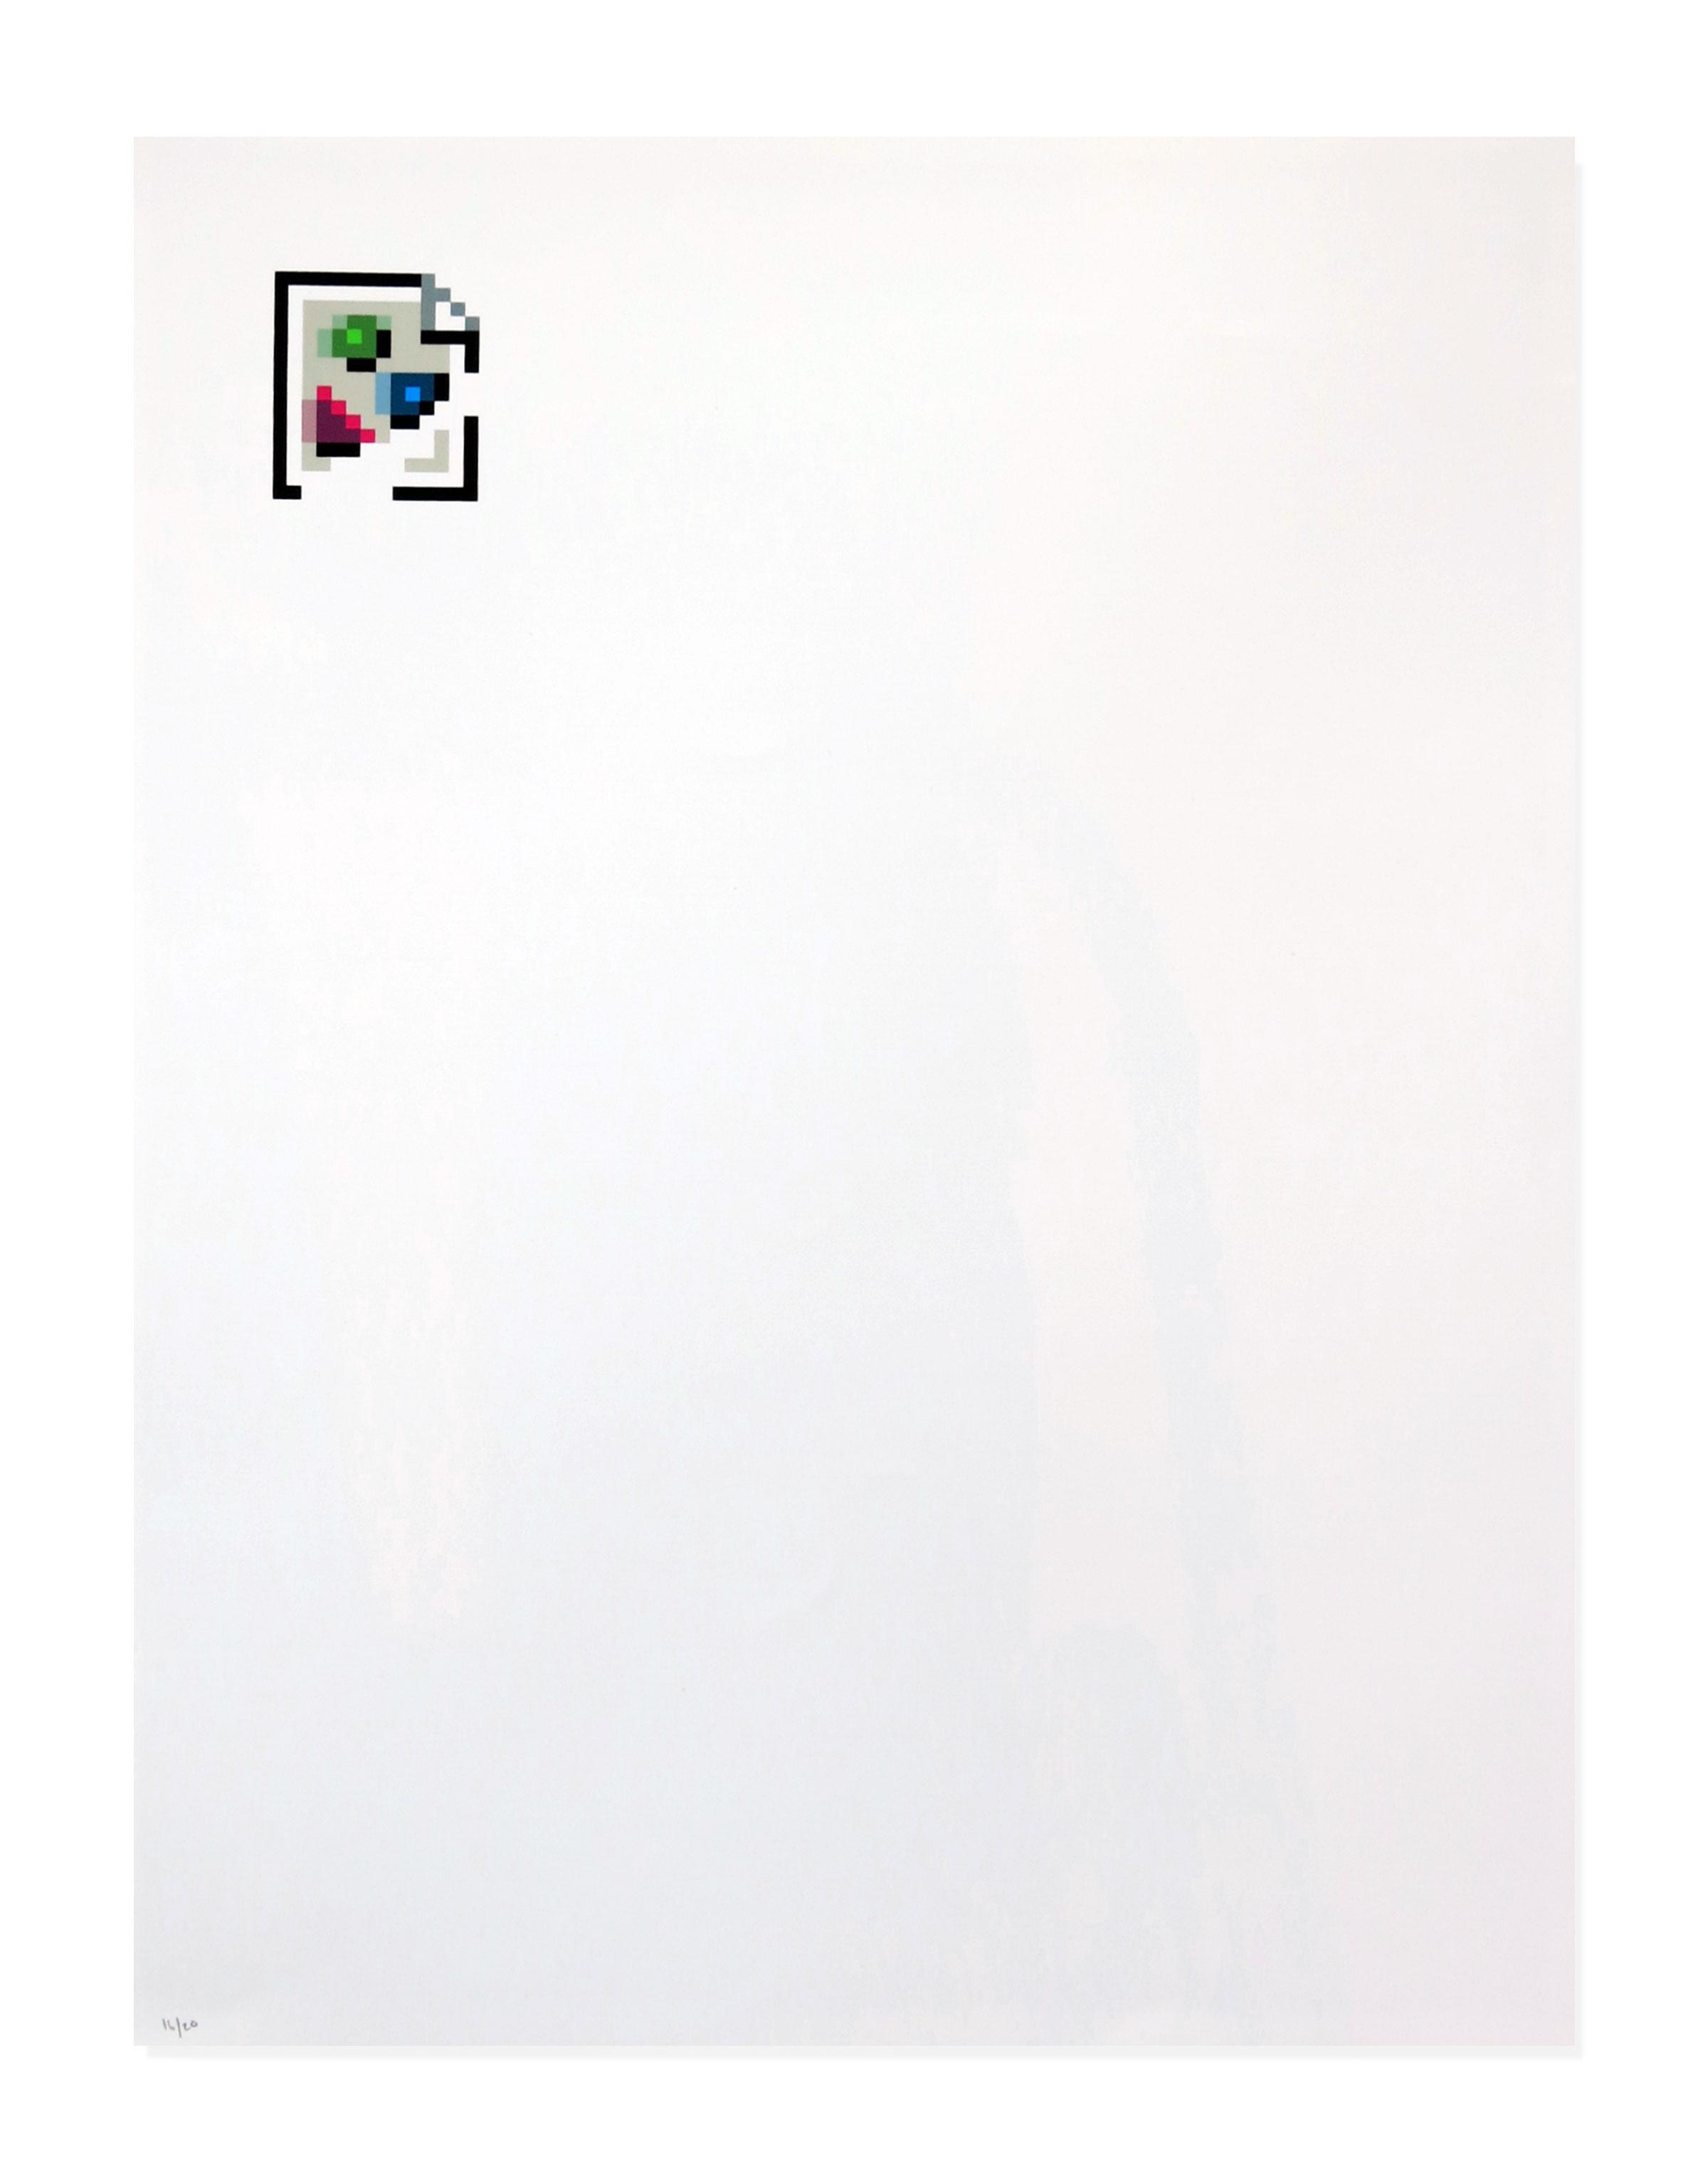 Poster-06.jpg